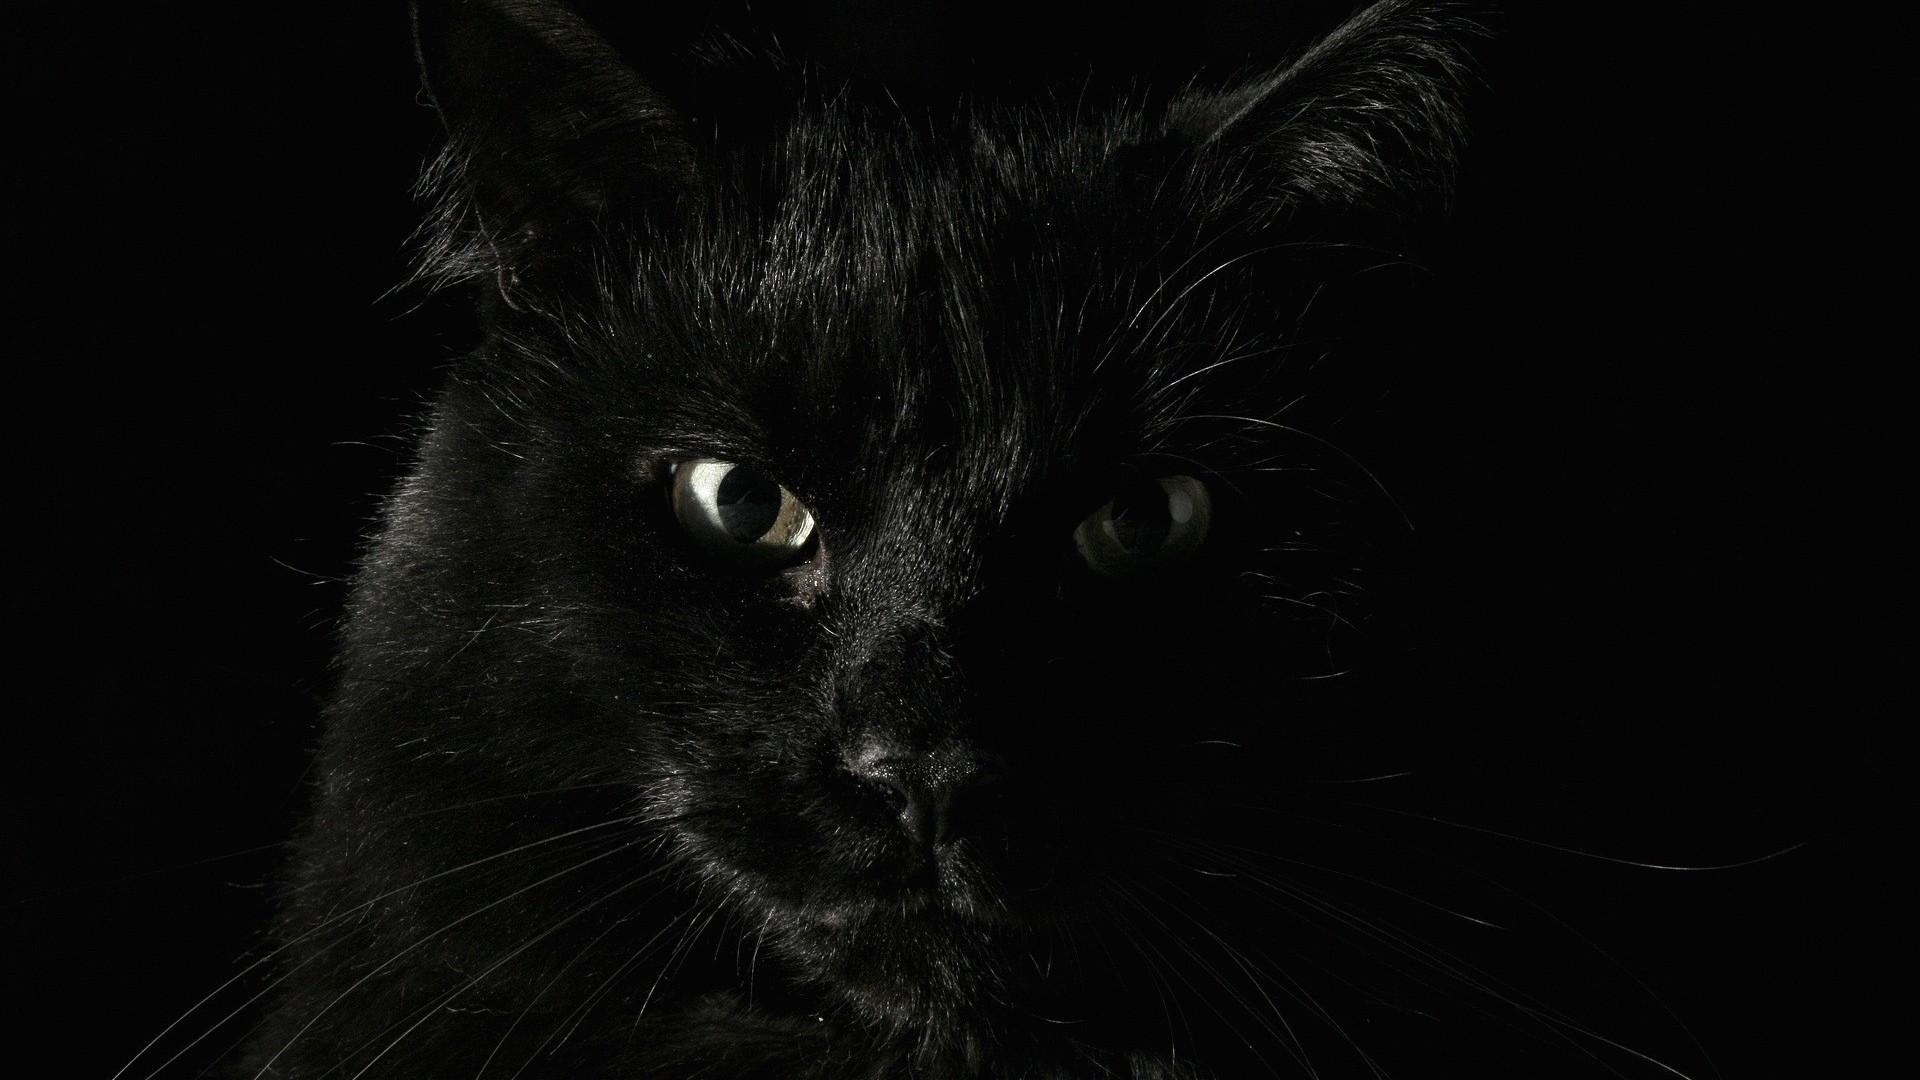 Wallpaper black, fear, female, face, eyes